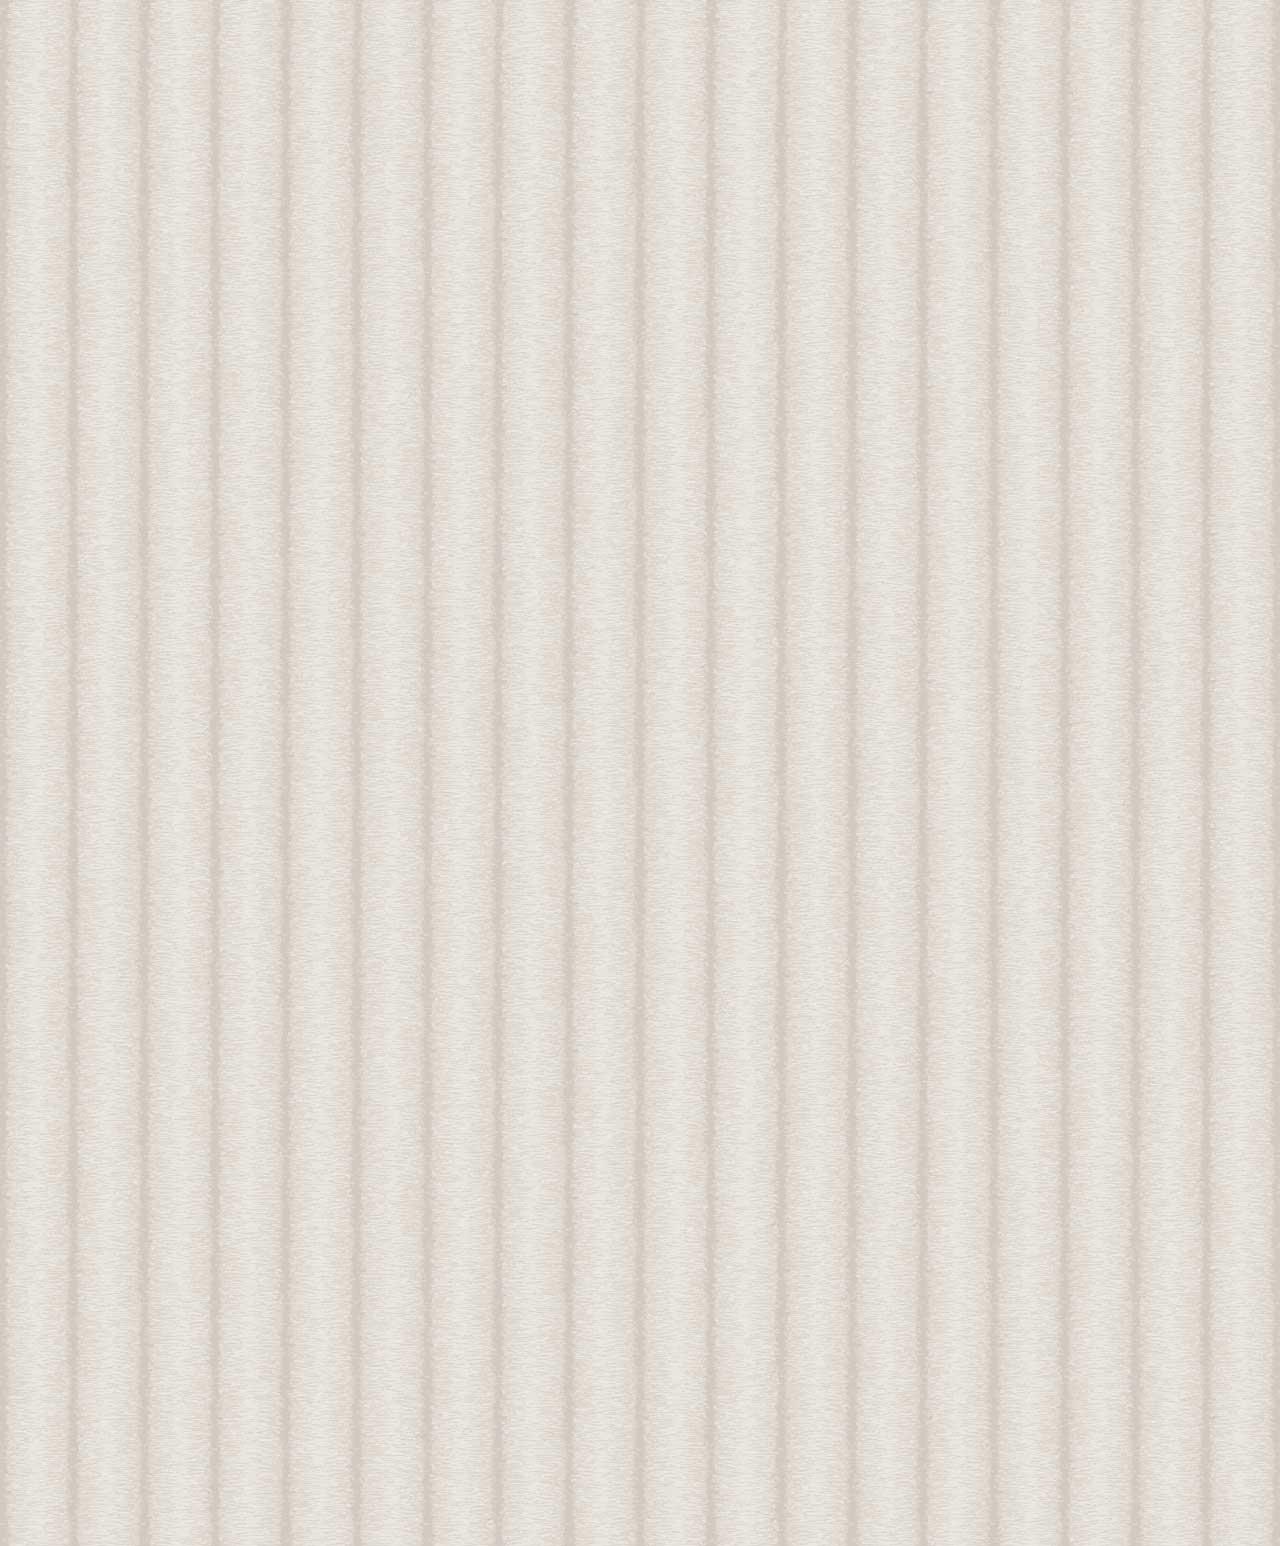 Capri-Luxury-Wallpaper-CP00718-OMBRE-STRIPE